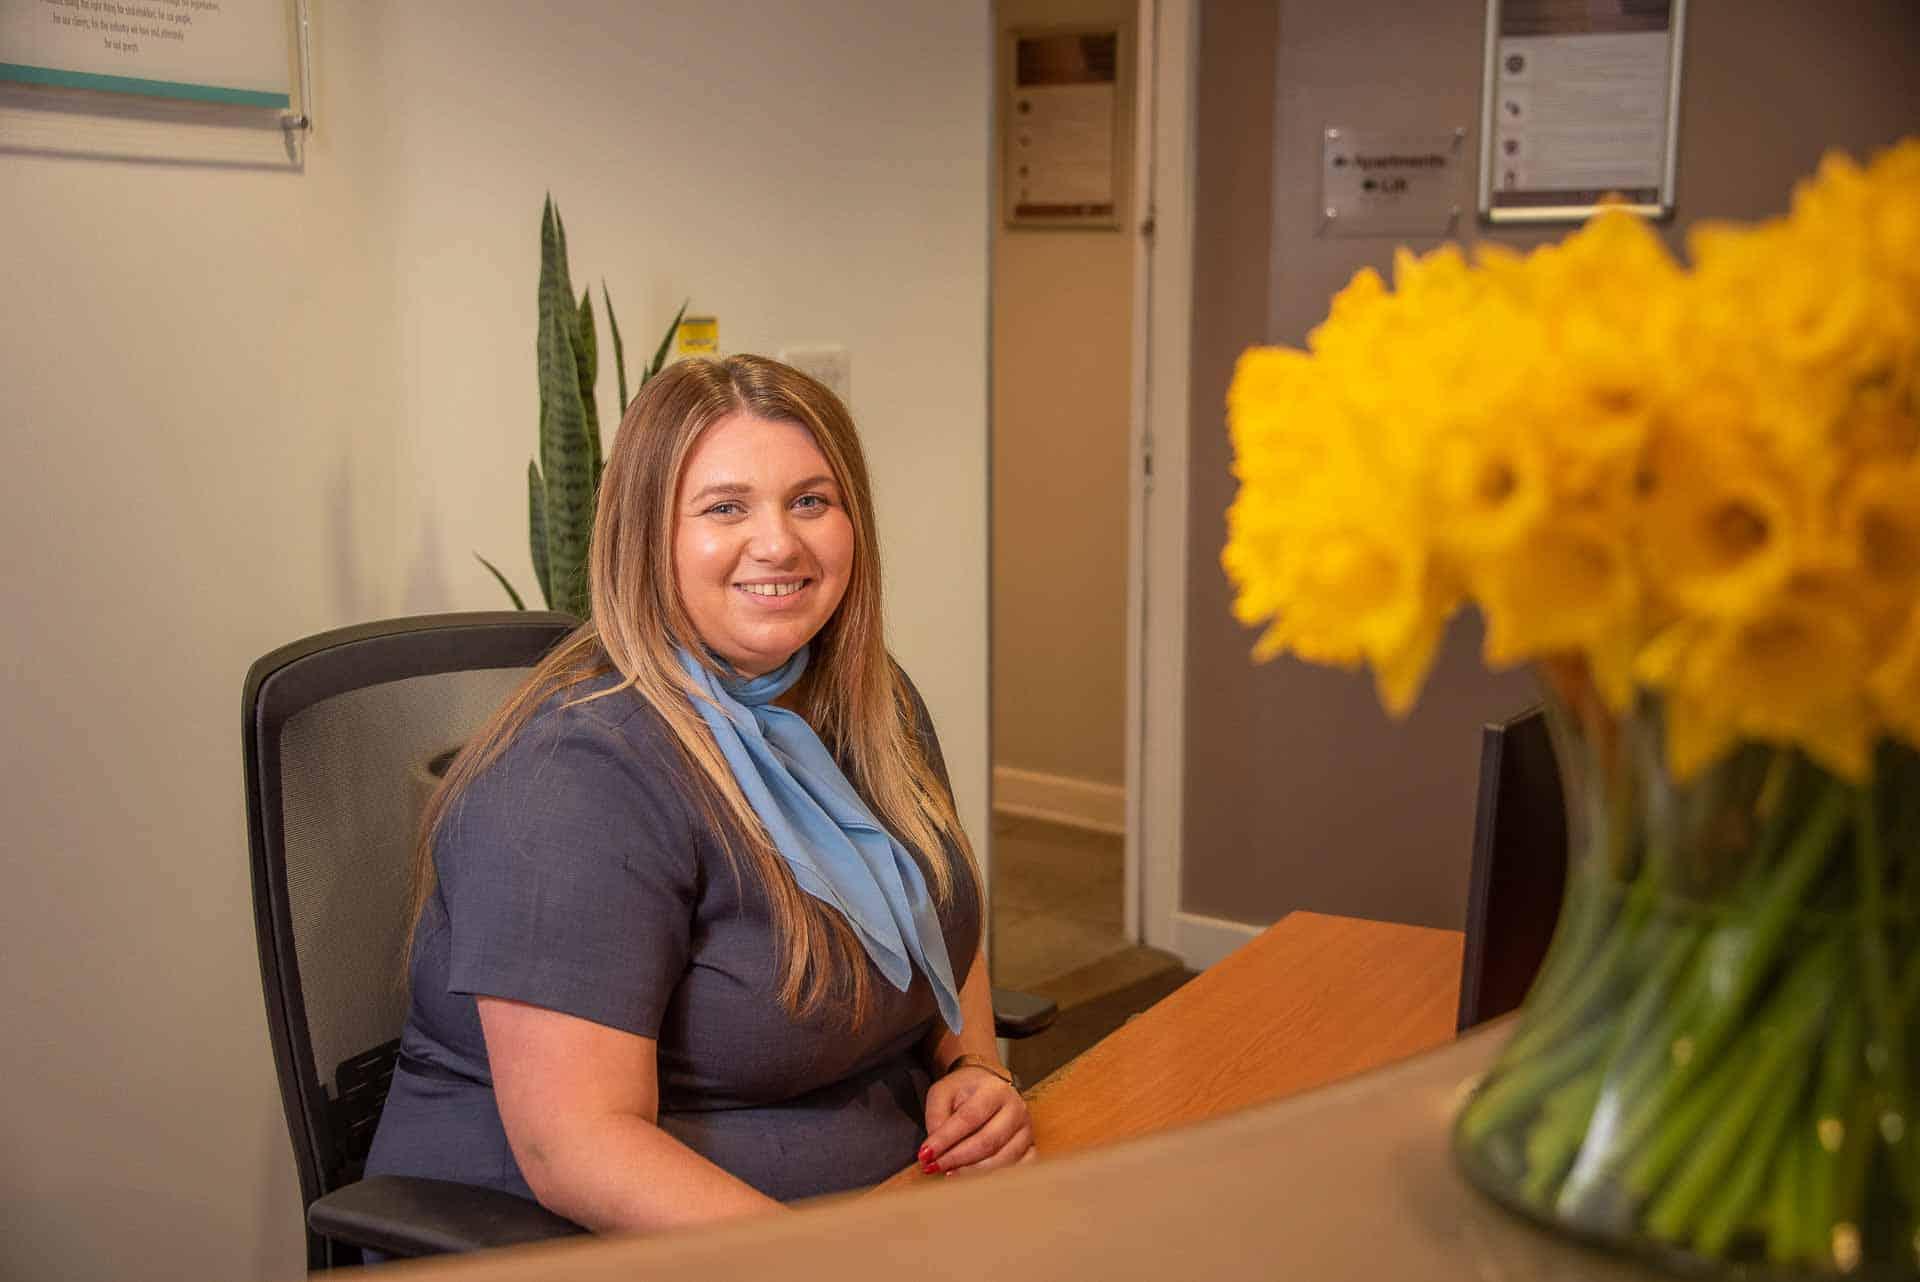 Laura Corrigan, directrice des opérations chez PREMIER SUITES Liverpool